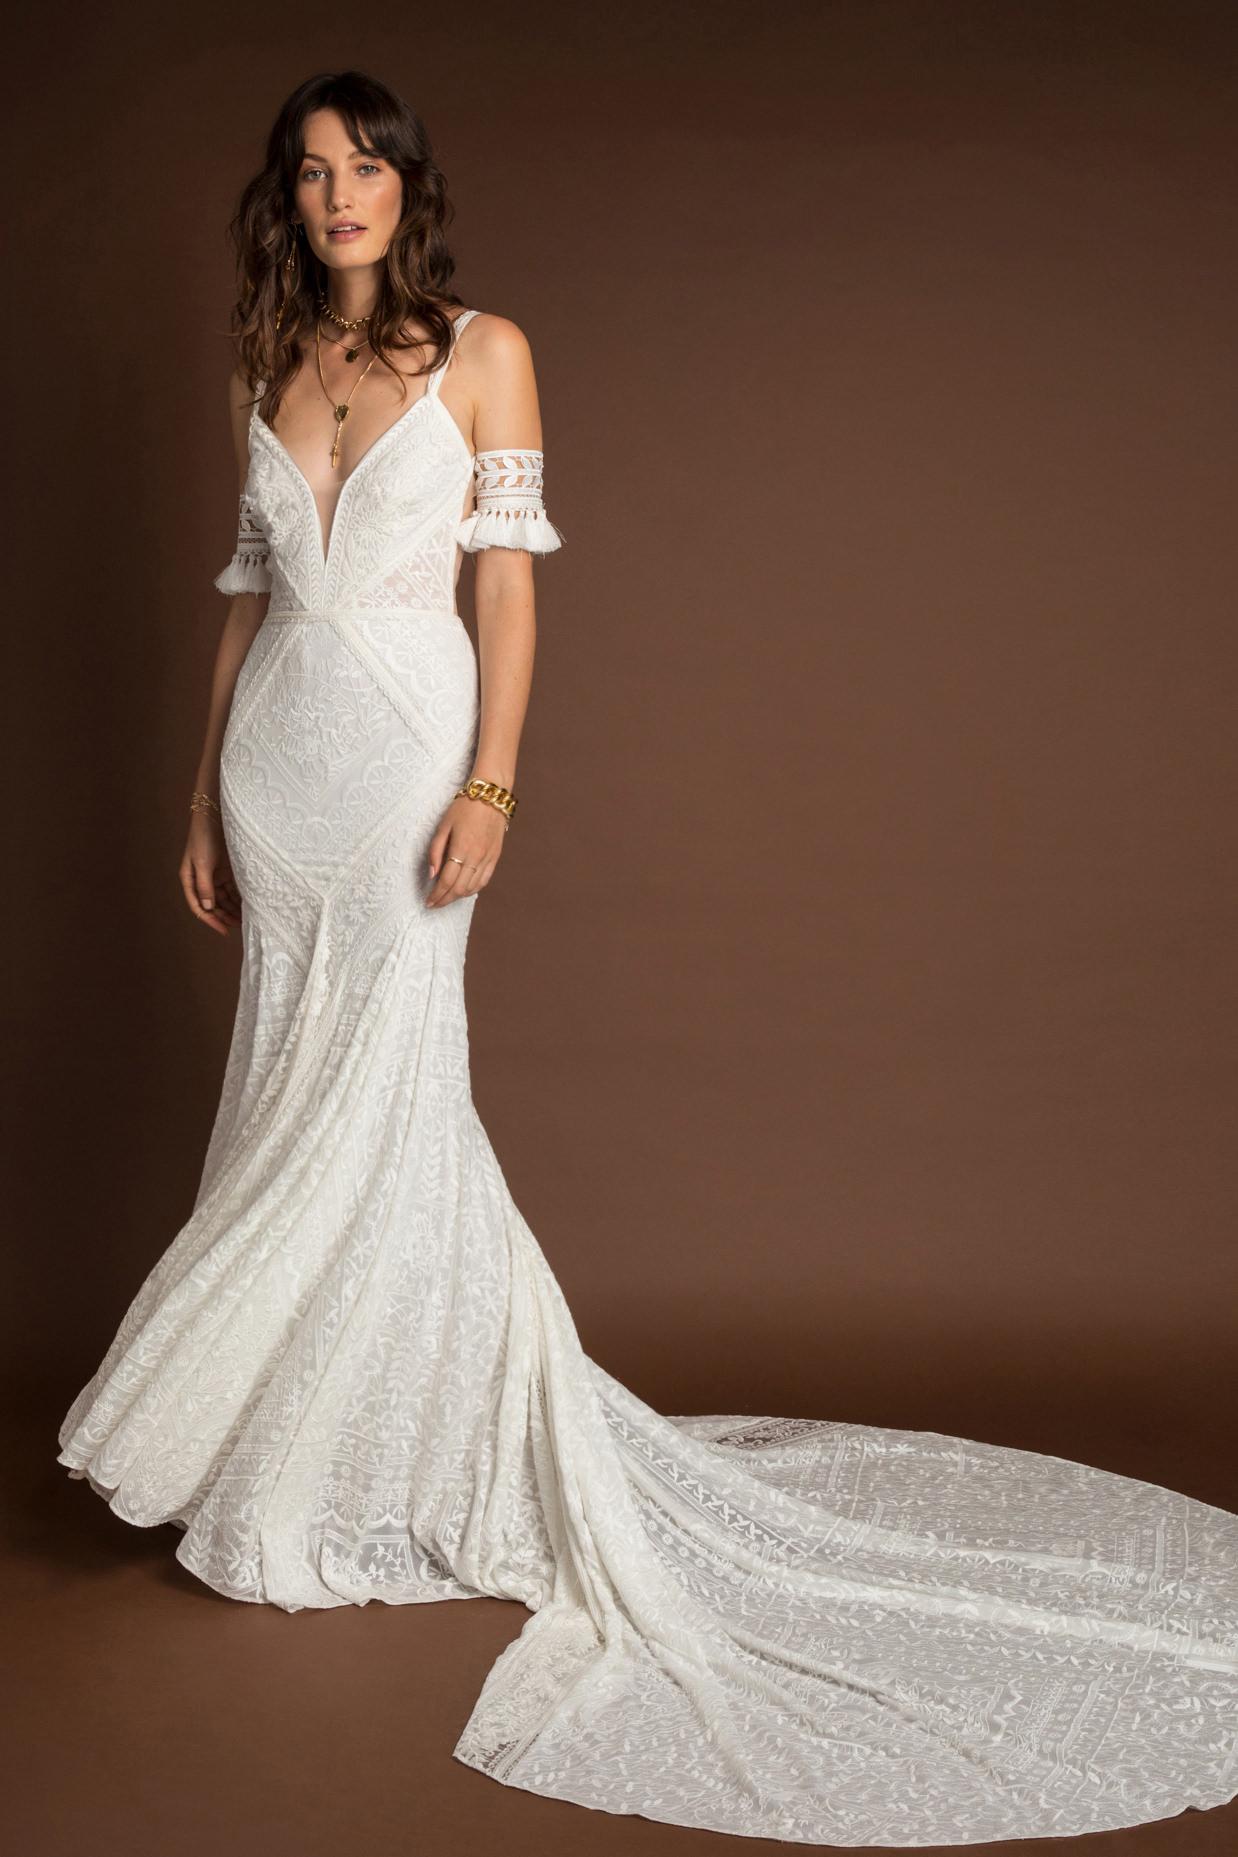 Rue De Seine Tulum Wild Heart wedding dress bridal shop store gowns christchurch wellington